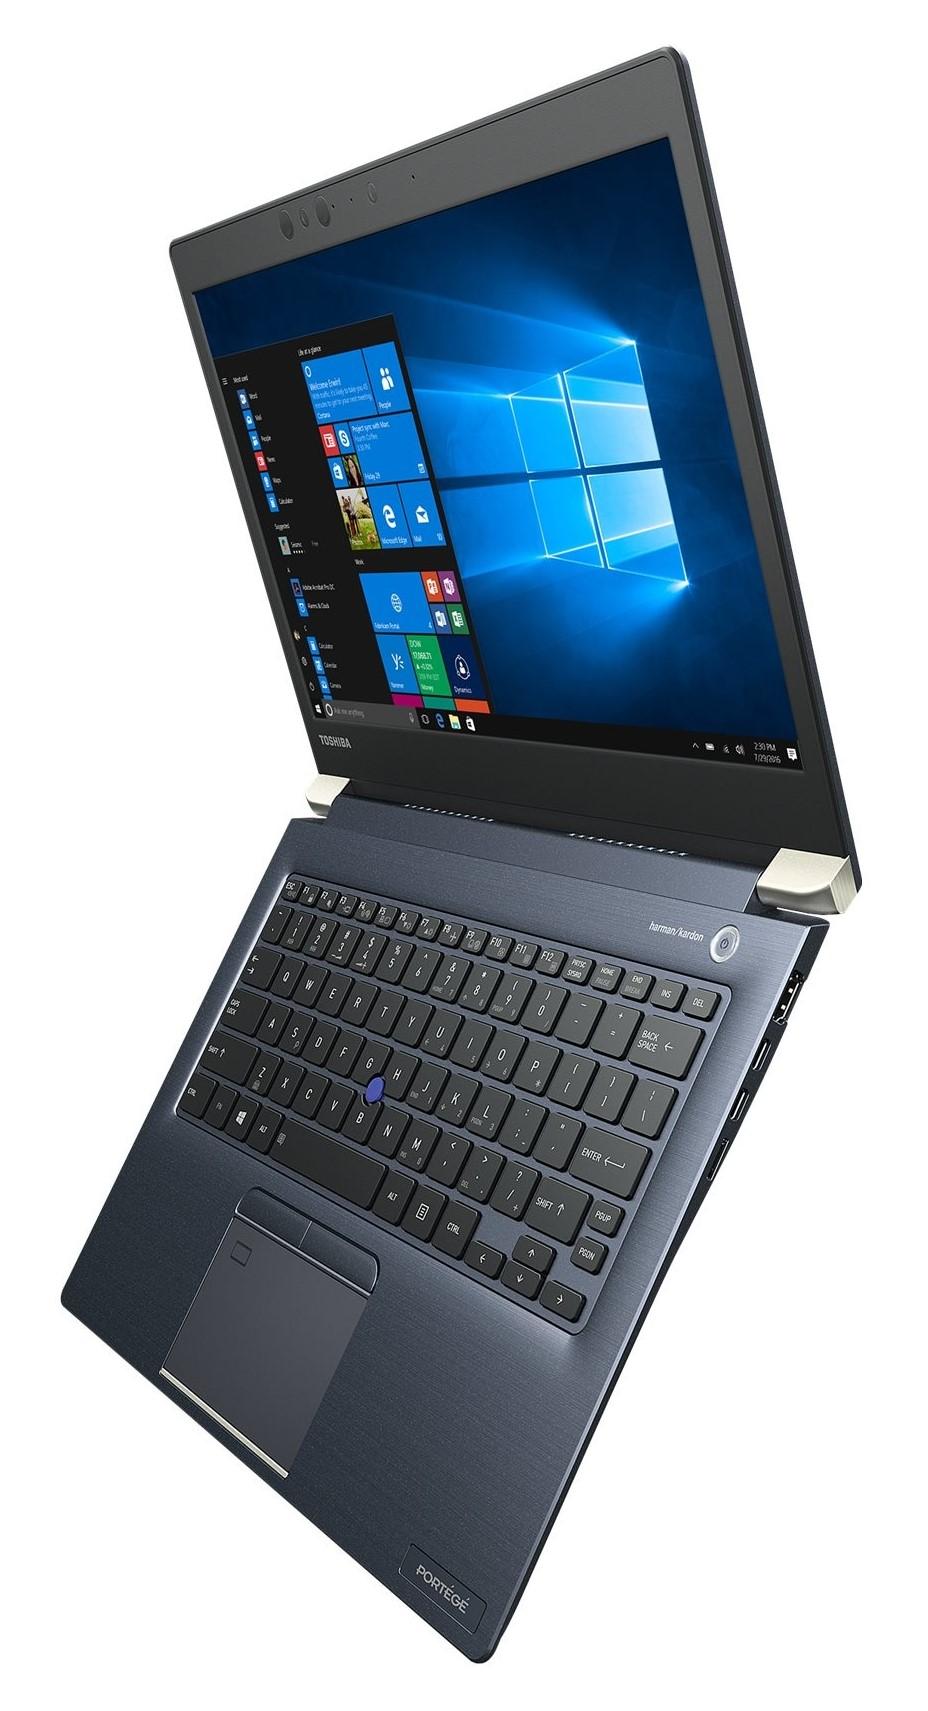 Toshiba Portégé X30-D1354